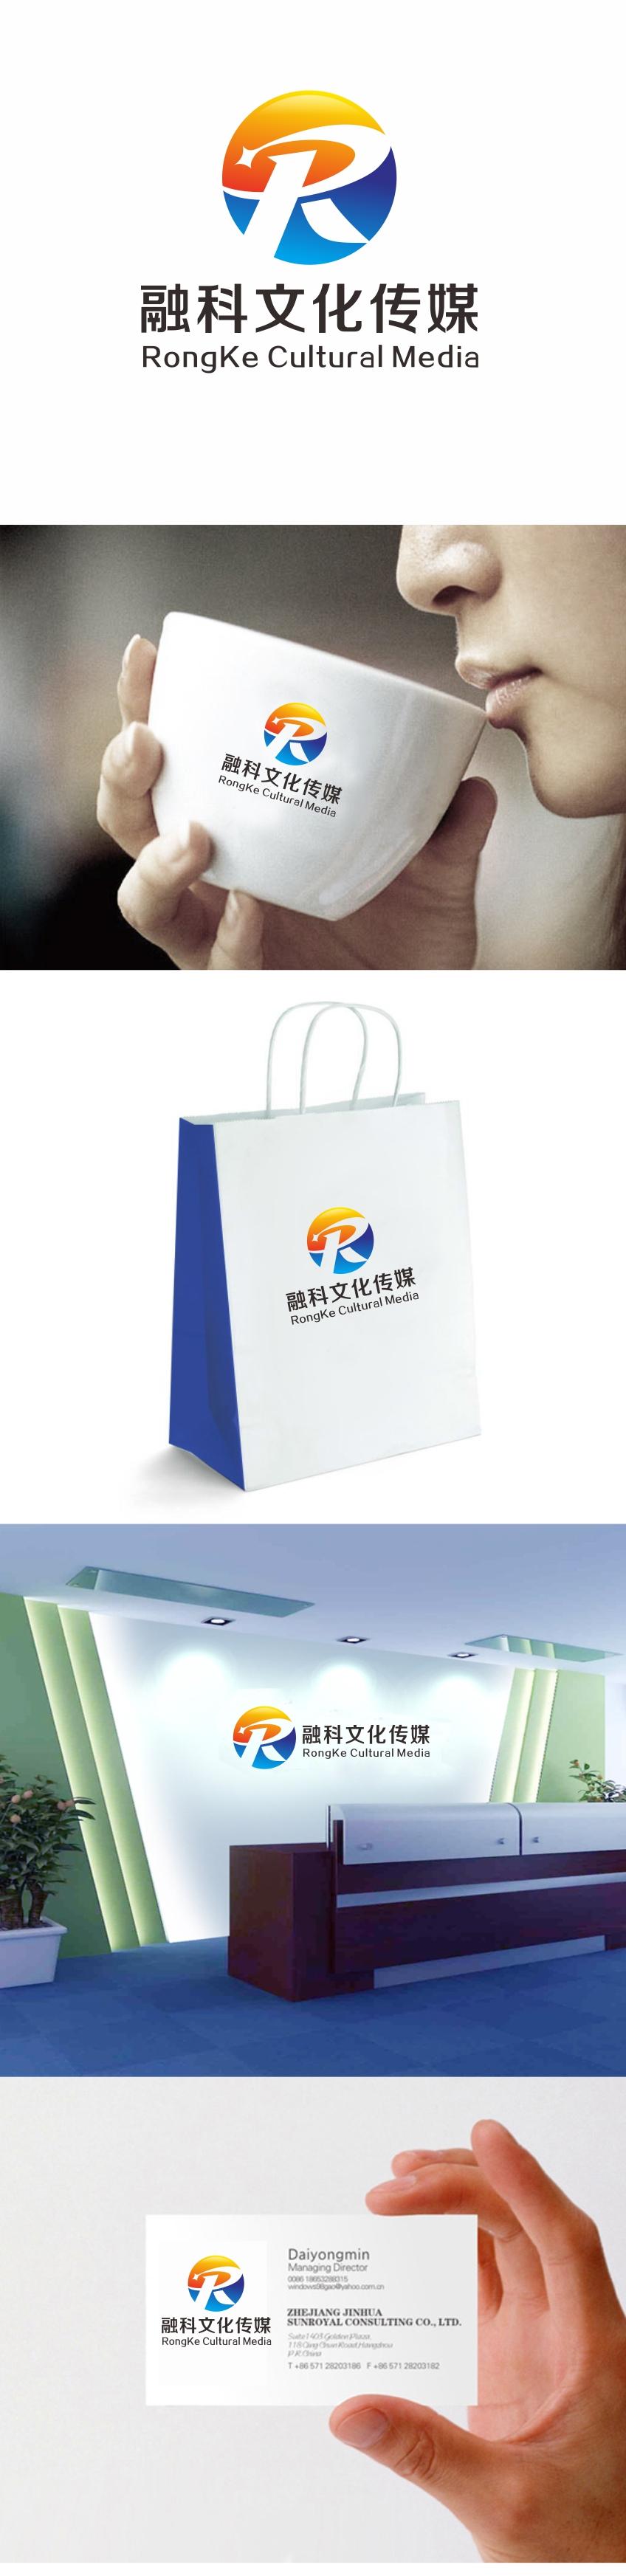 广告传媒公司LOGO设计(4天)_3034431_k68威客网